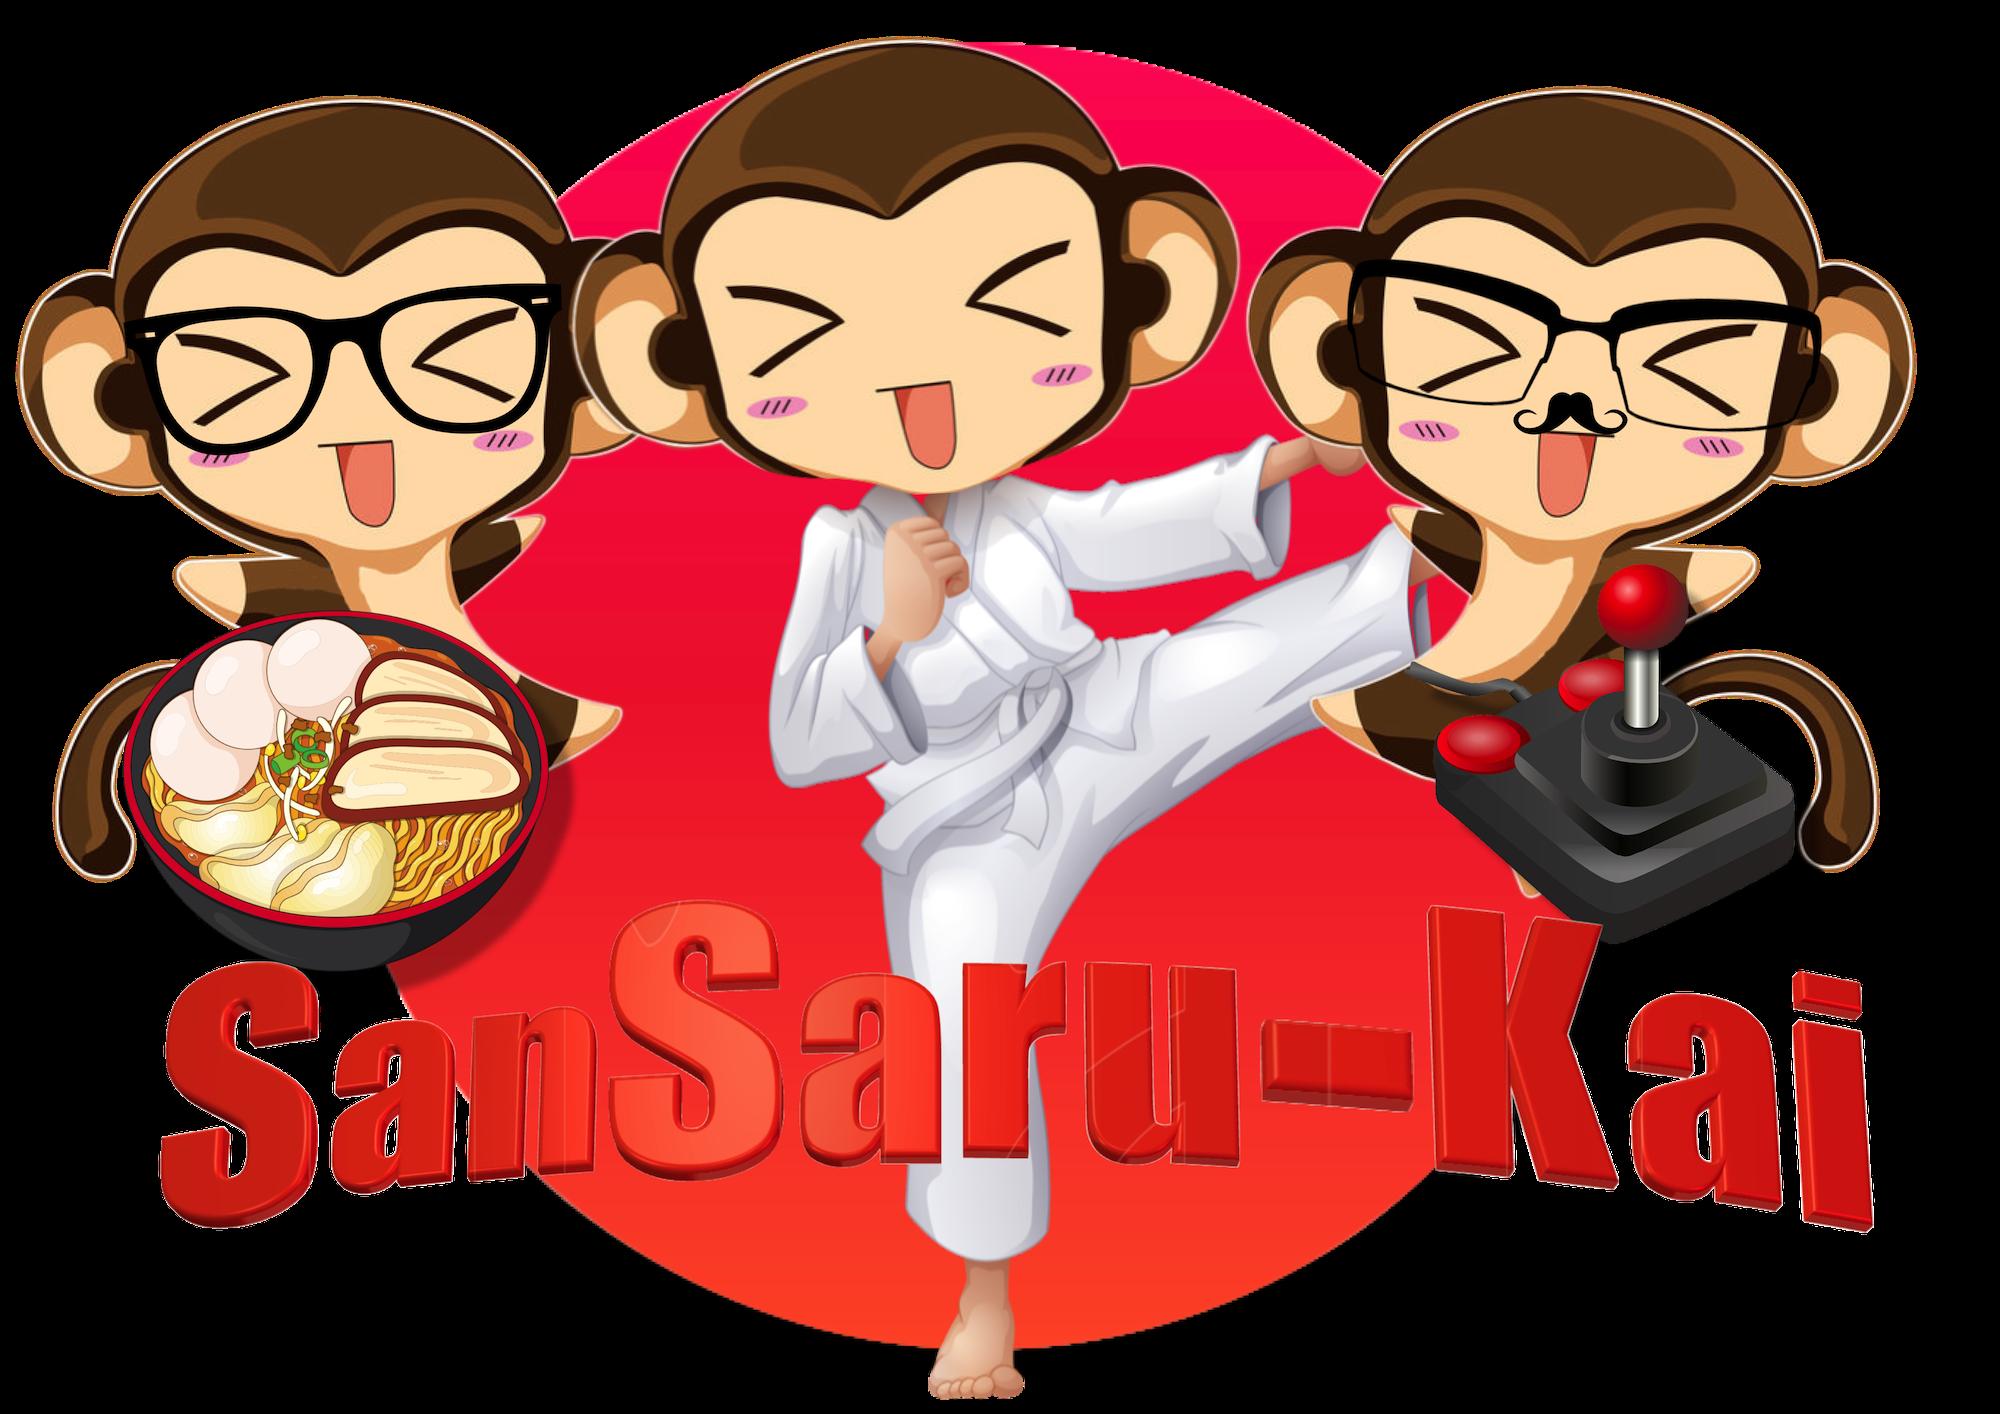 SanSaru-Kai